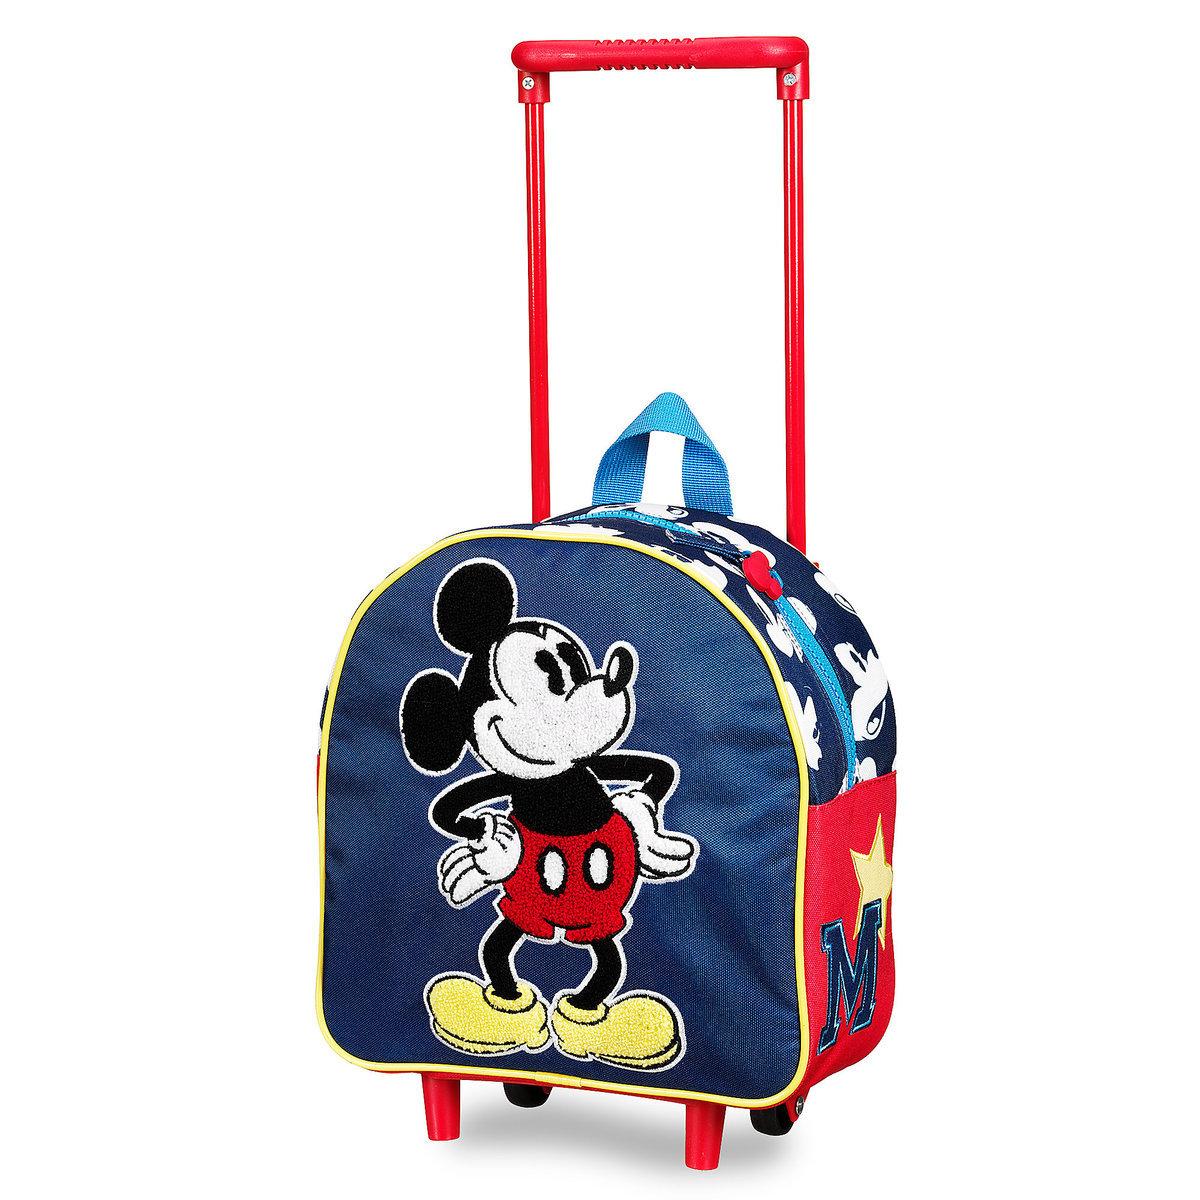 ミッキーマウス 子供 旅行 かばん キャリーバッグ コロコロ ディズニー グッズ